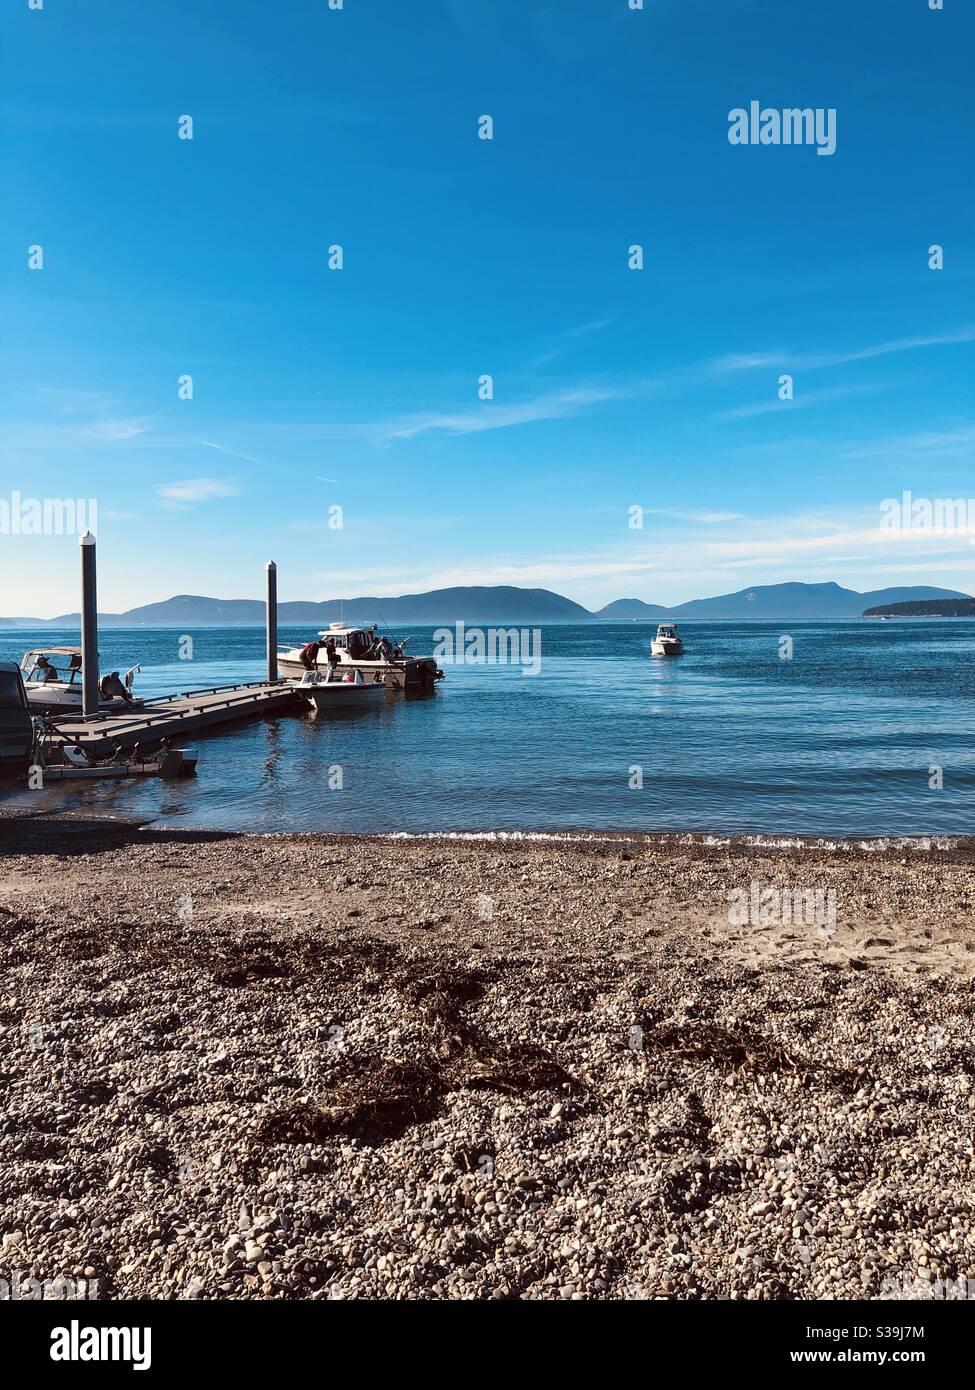 docked boats Stock Photo